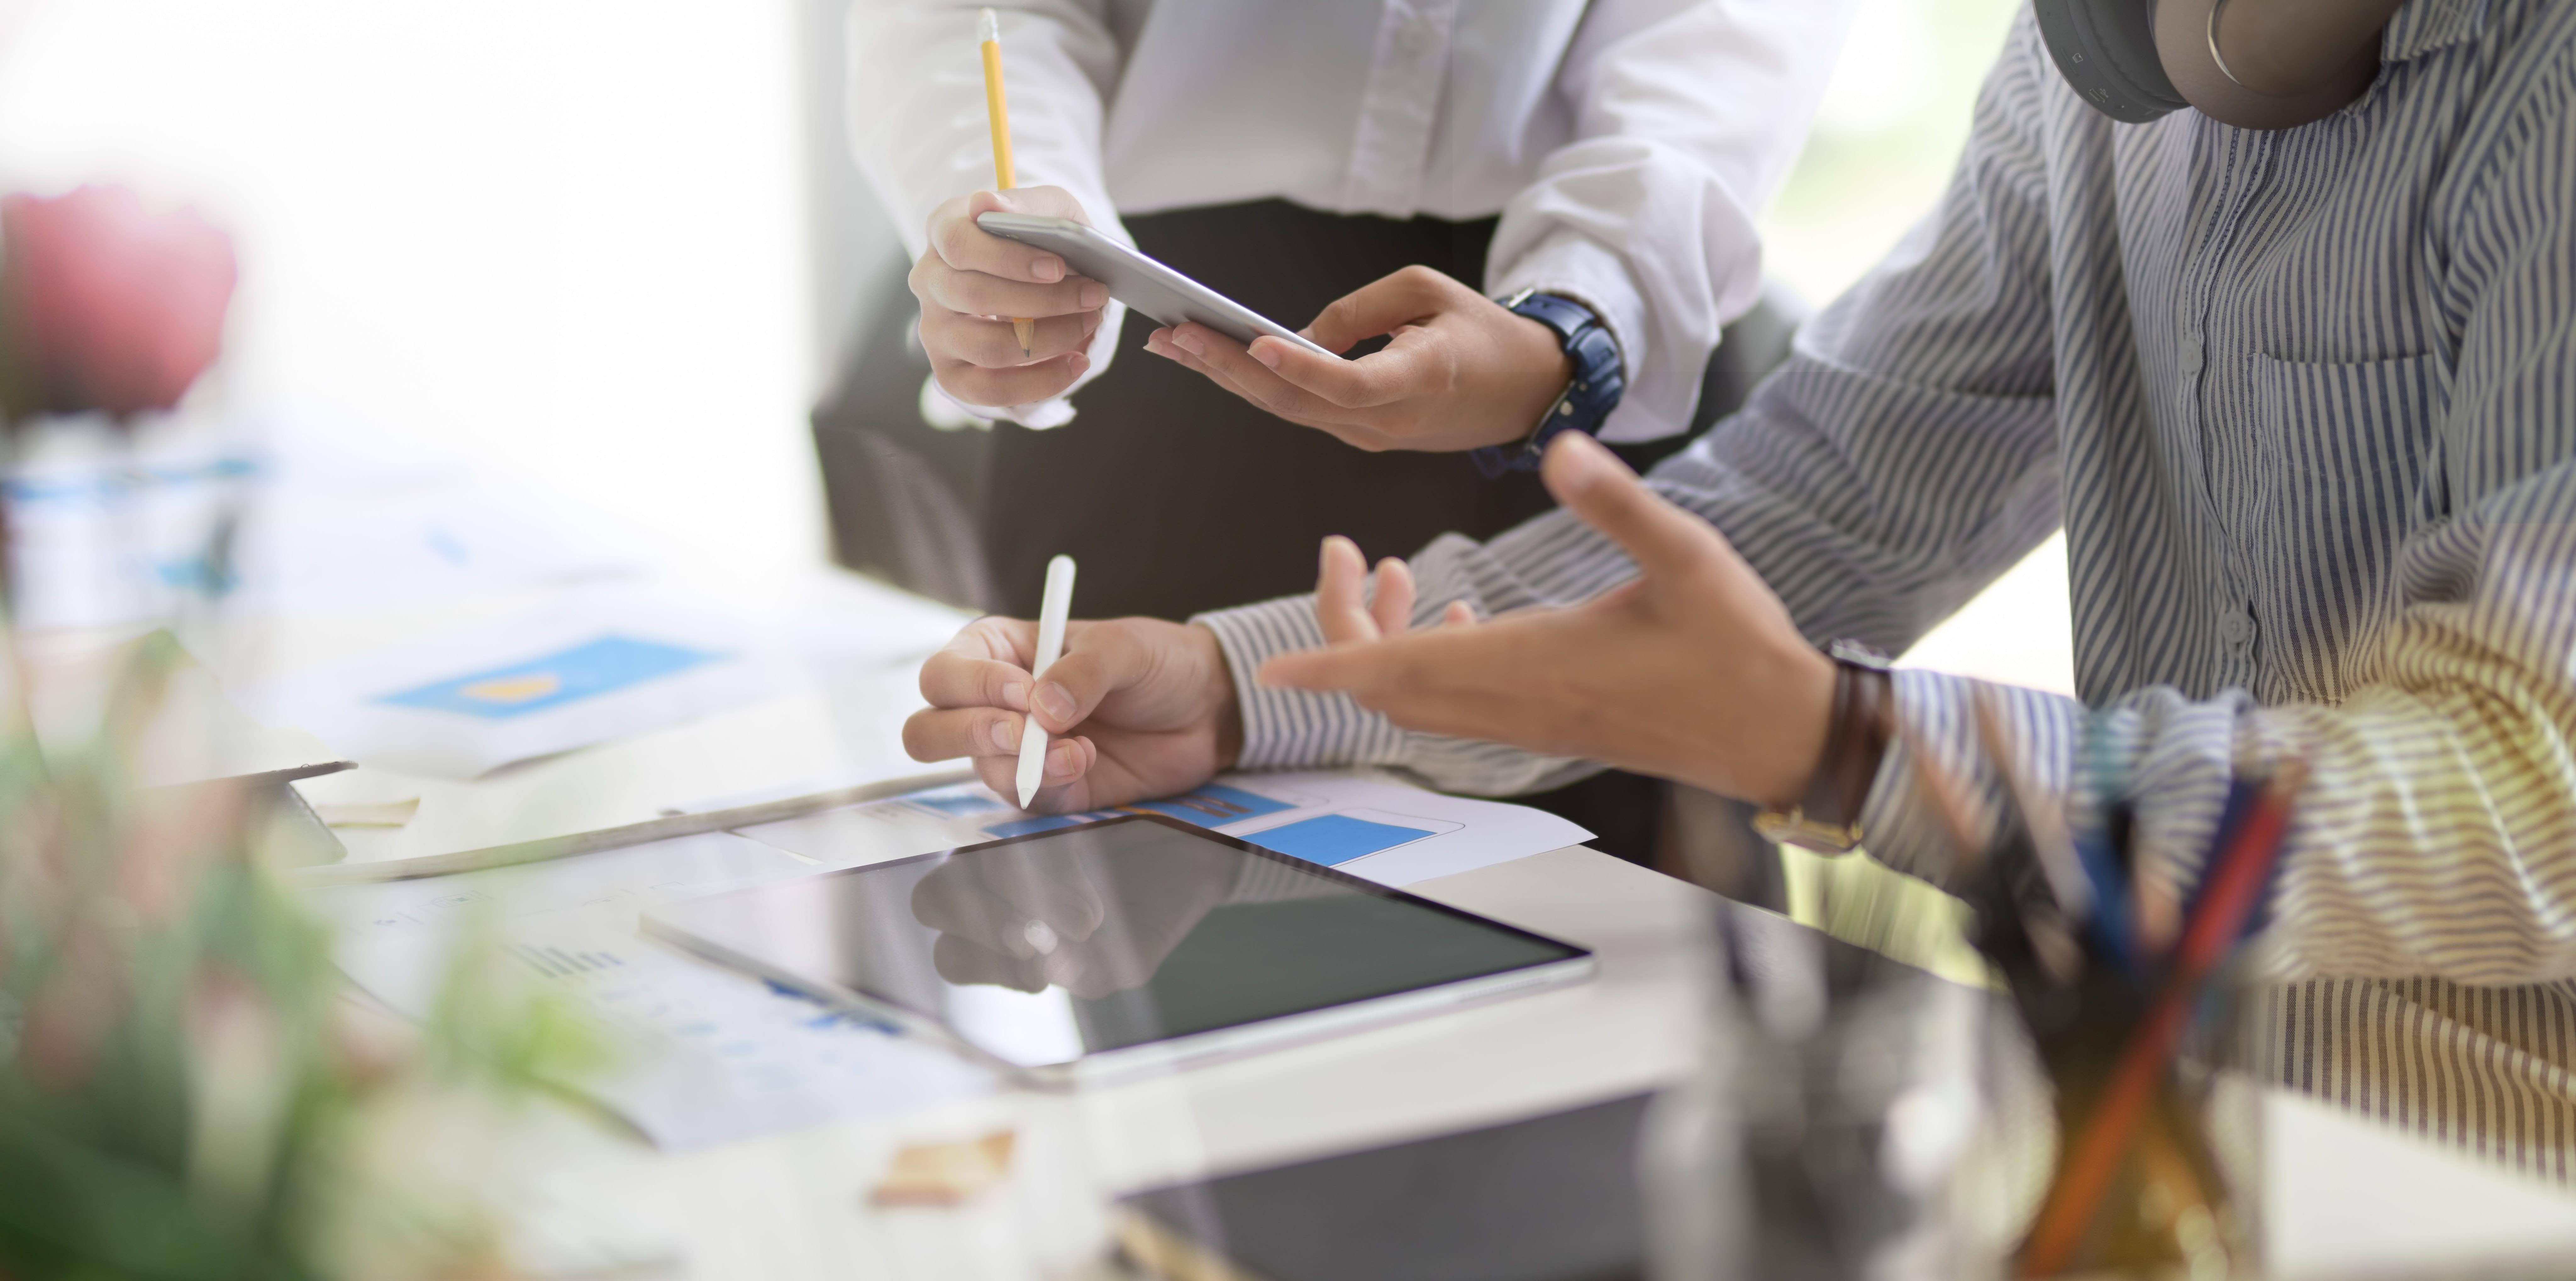 El 83% de les empreses necessita noves estratègies digitals